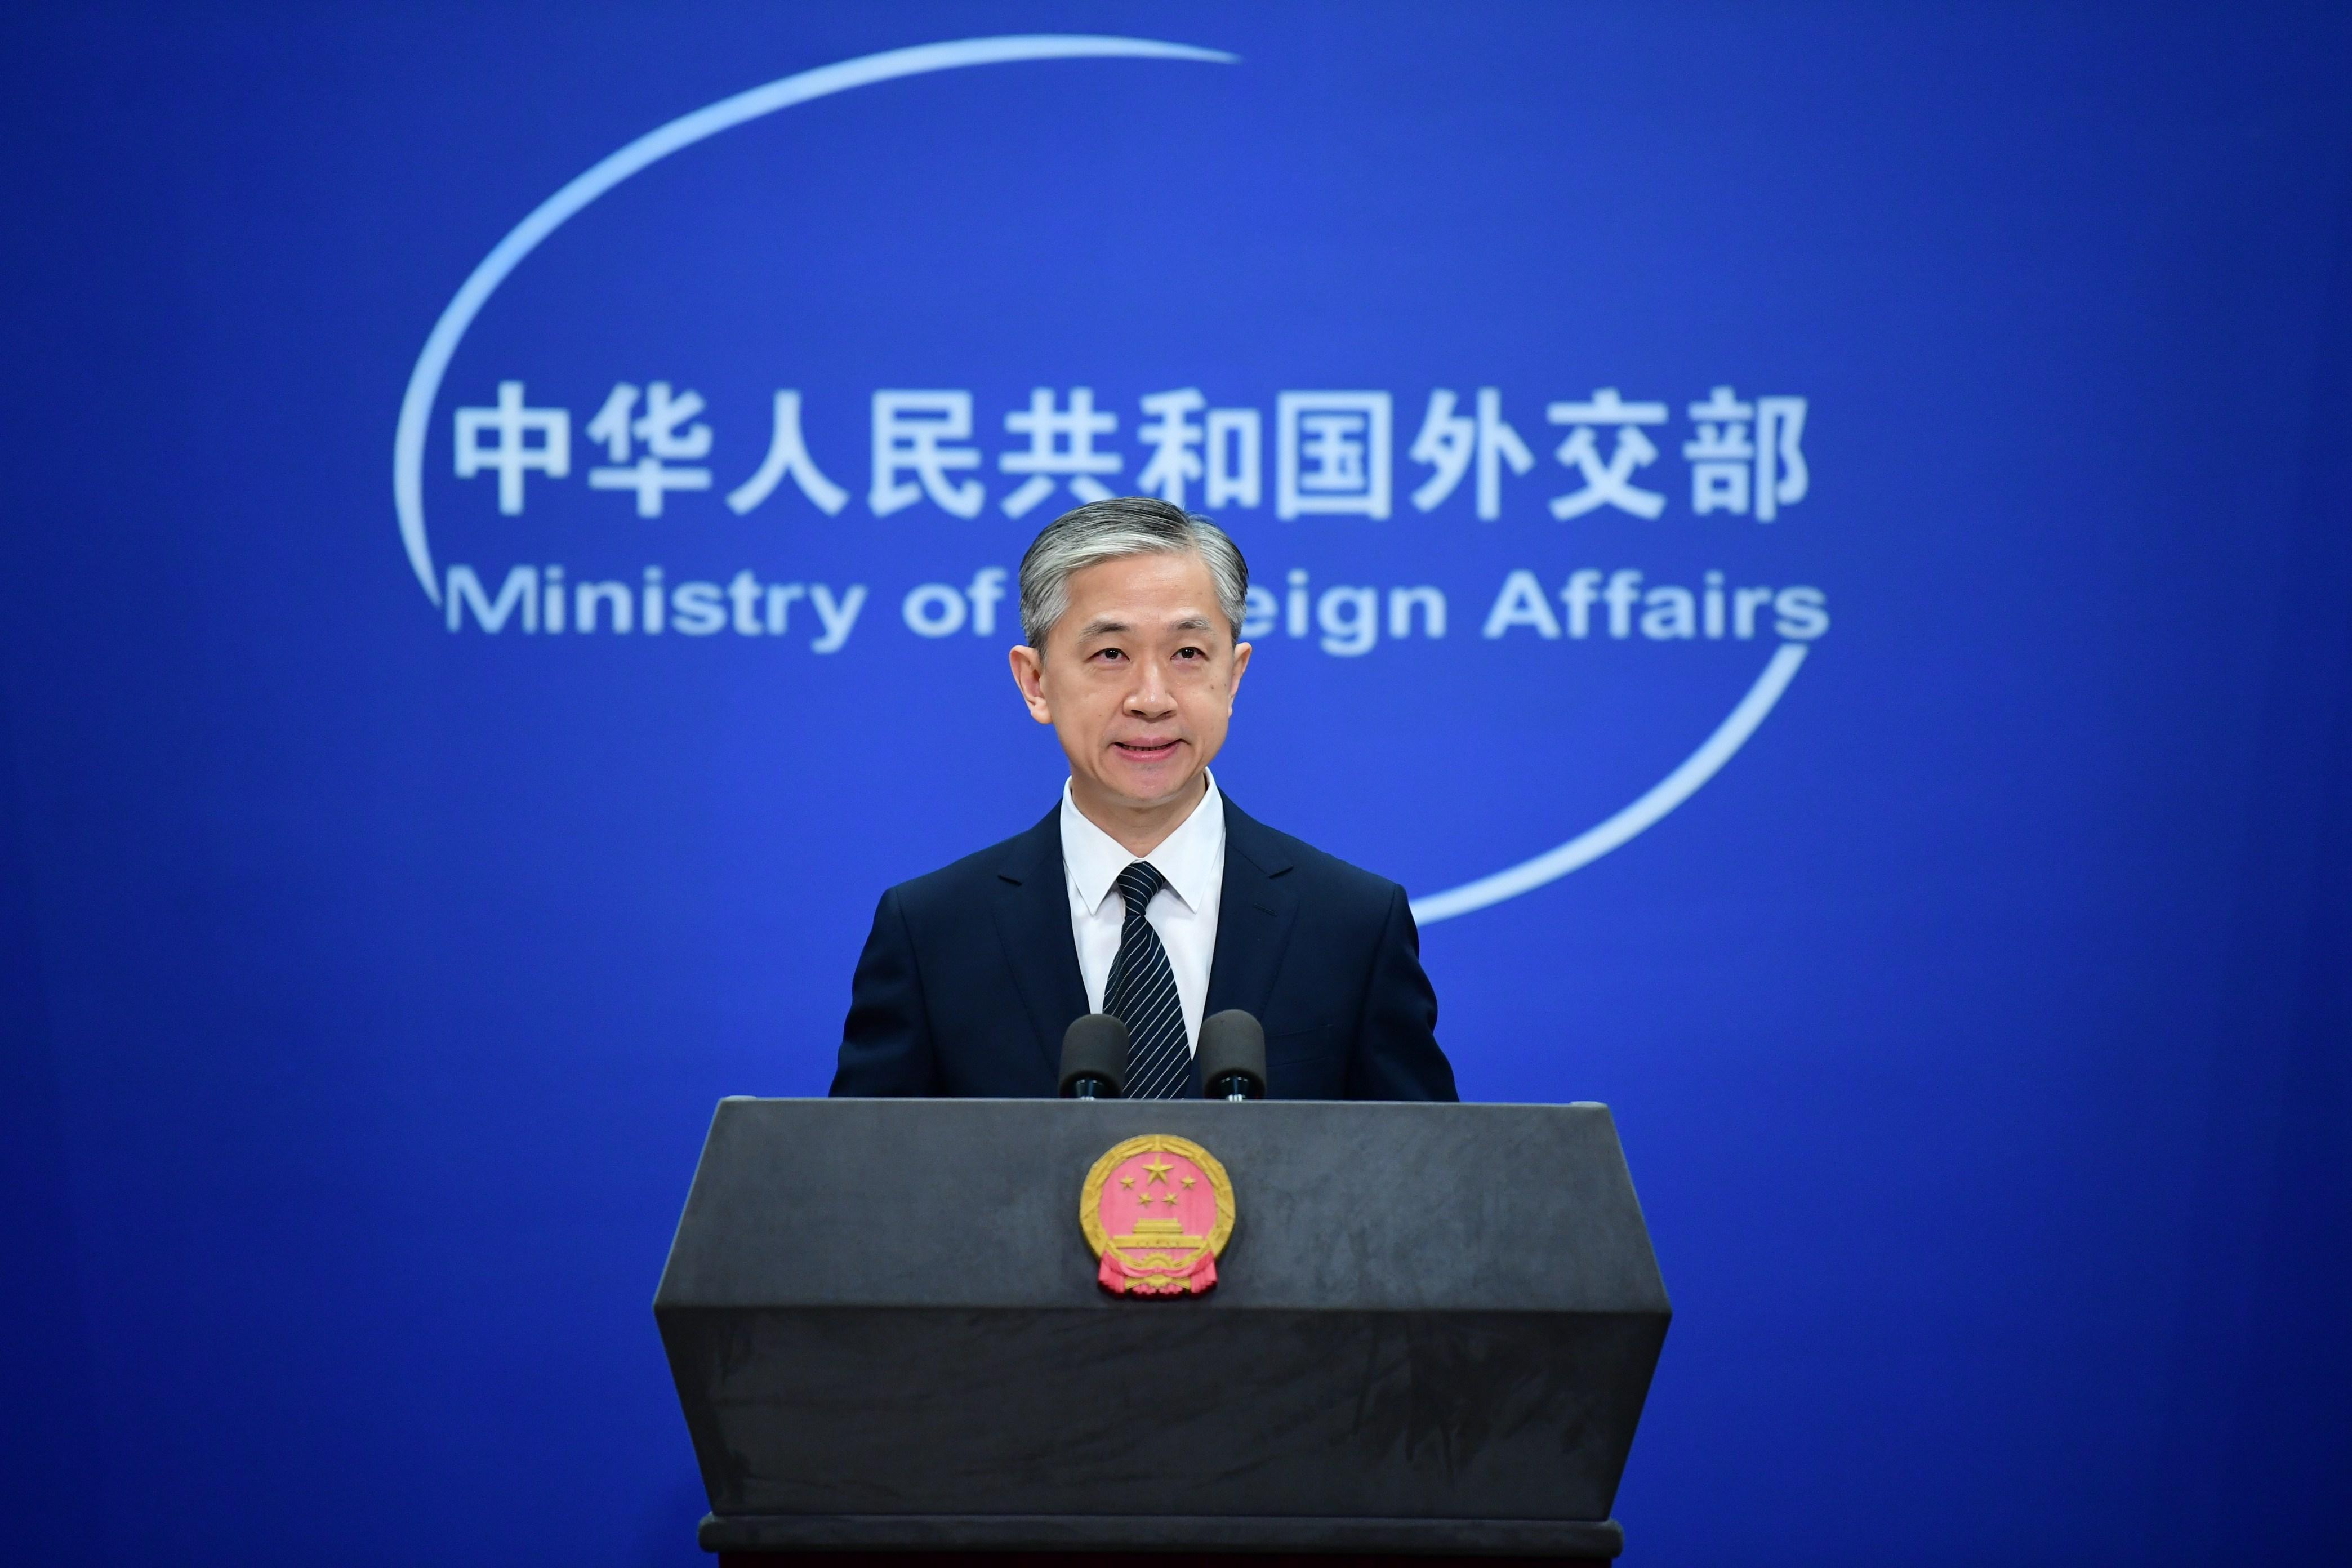 【丹华资本】_蓬佩奥指责港警通缉6名乱港分子,外交部回应